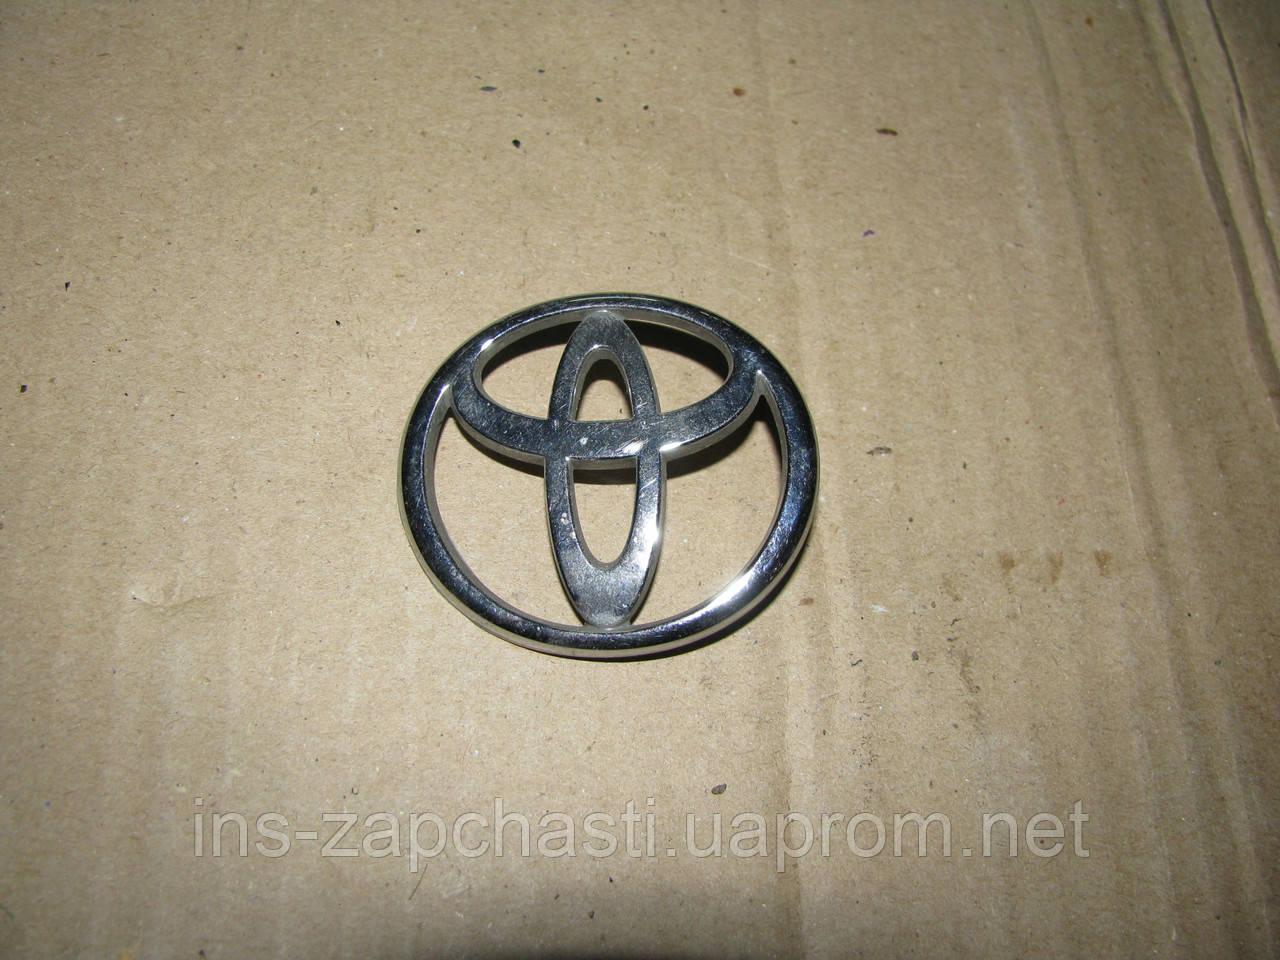 Емблема на колесо Toyota